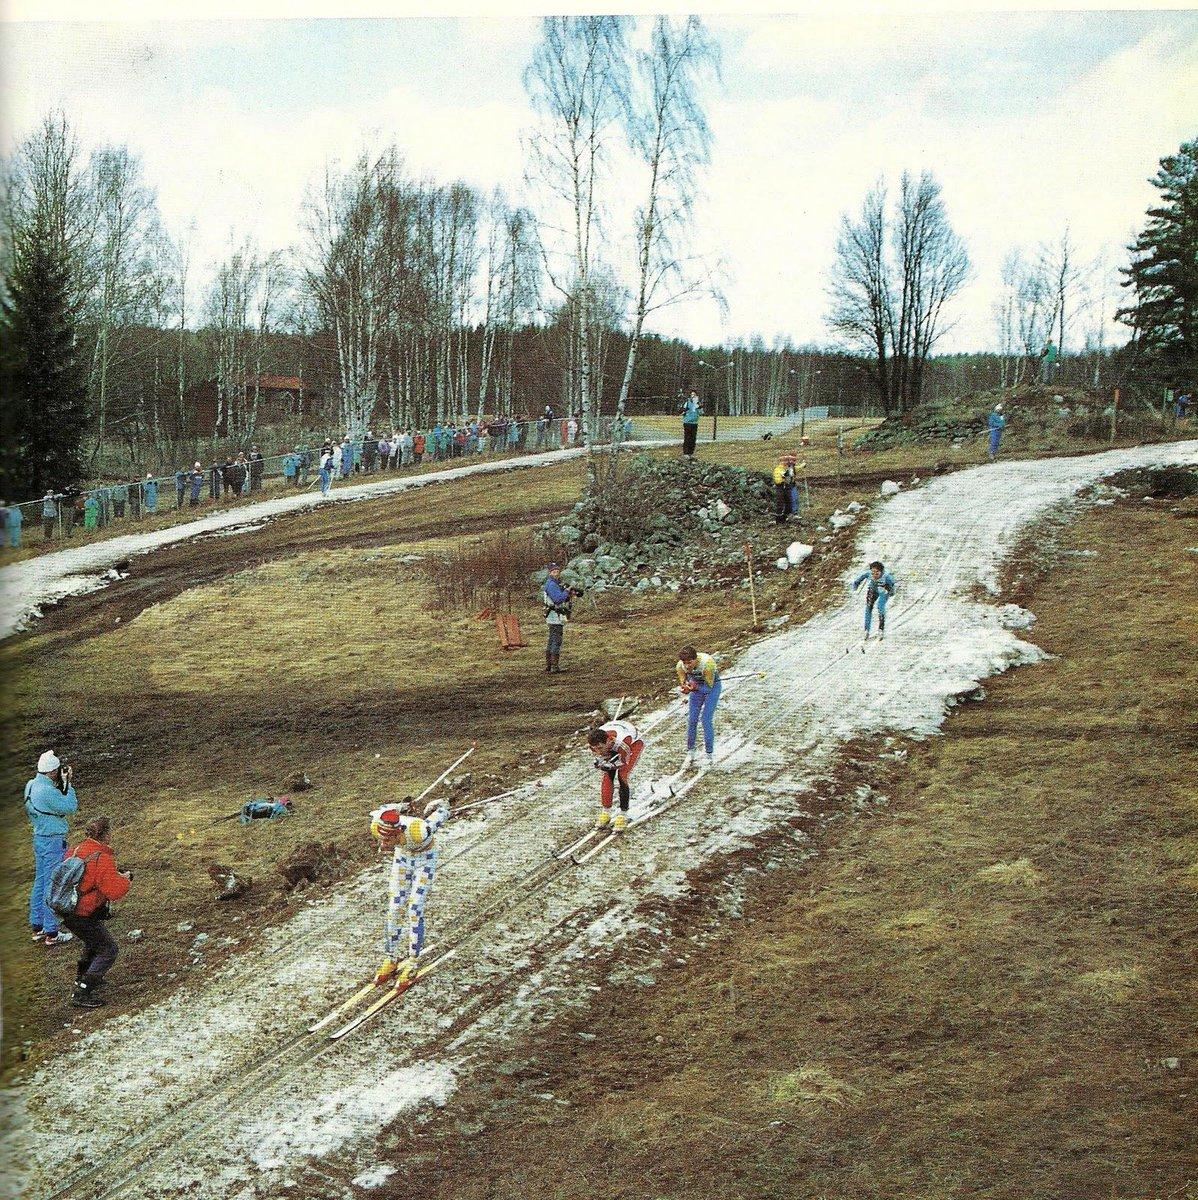 Folk som klagade på spåren under @Falun2015 igår har kanske glömt hur det såg ut i Falun under @skidspelen 1989!? http://t.co/phiSeXvXkK